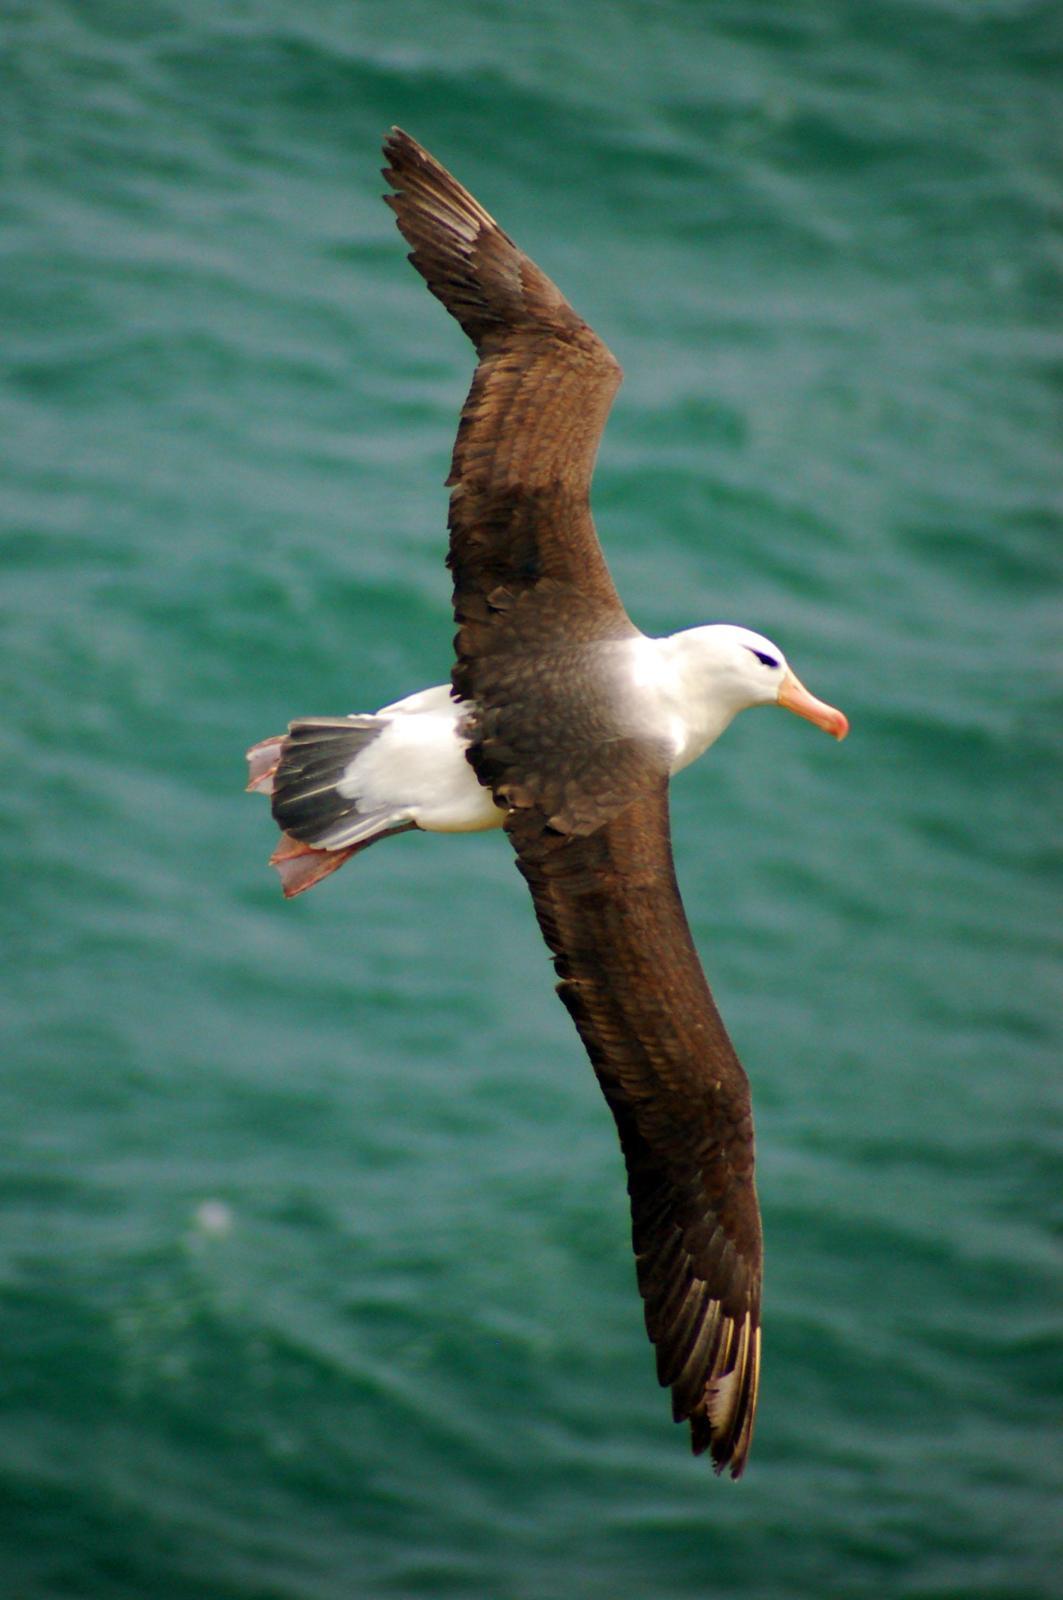 Black-browed Albatross Photo by Carlos Silva-Quintas